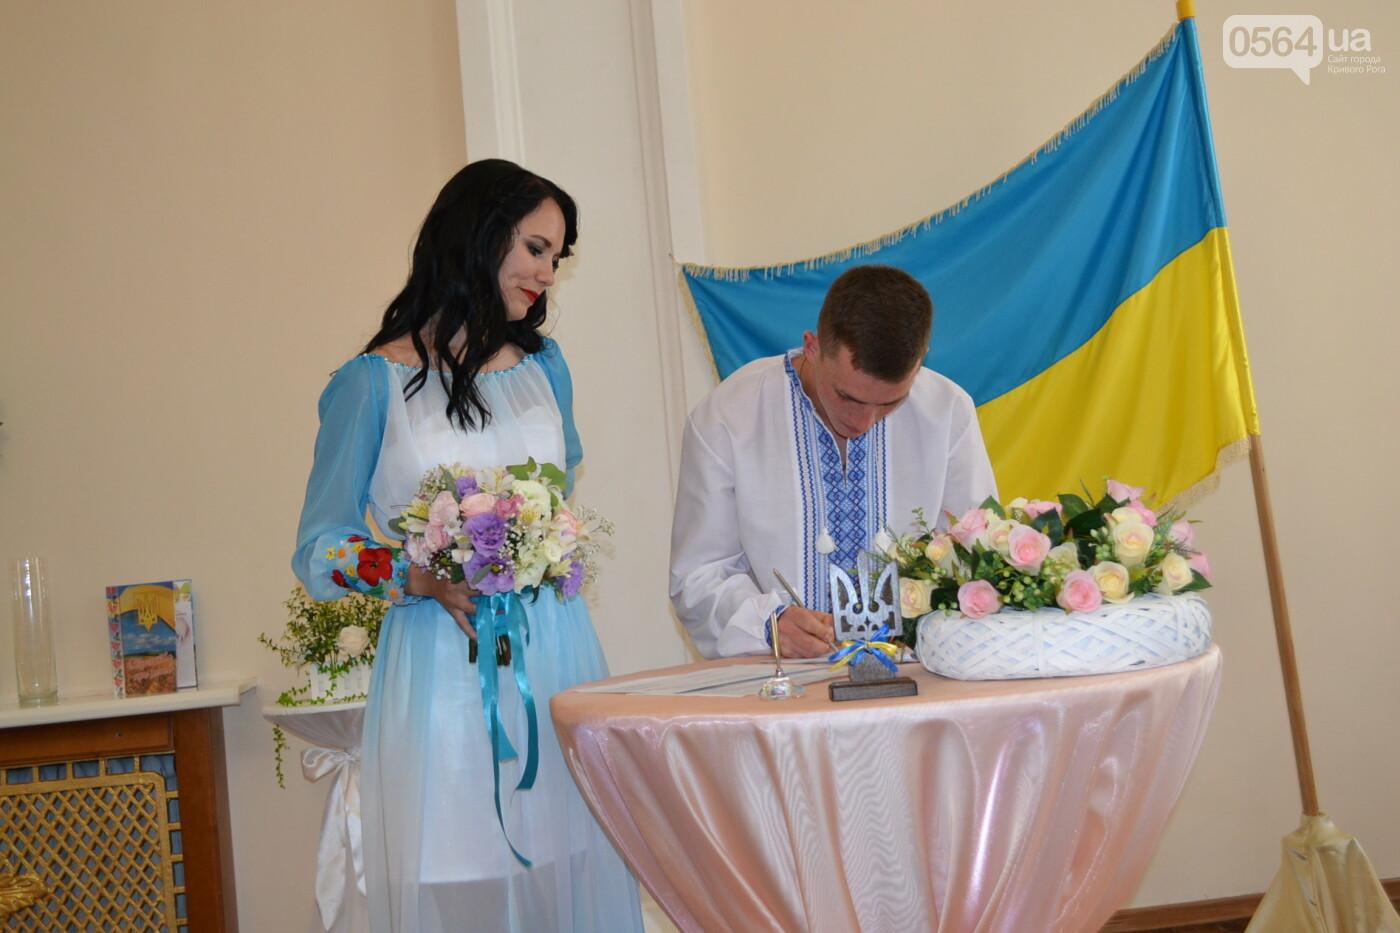 В Кривом Роге бойца 17 танковой бригады и его супругу в день бракосочетания крепко связали флагом Украины, - ФОТО, ВИДЕО, фото-15